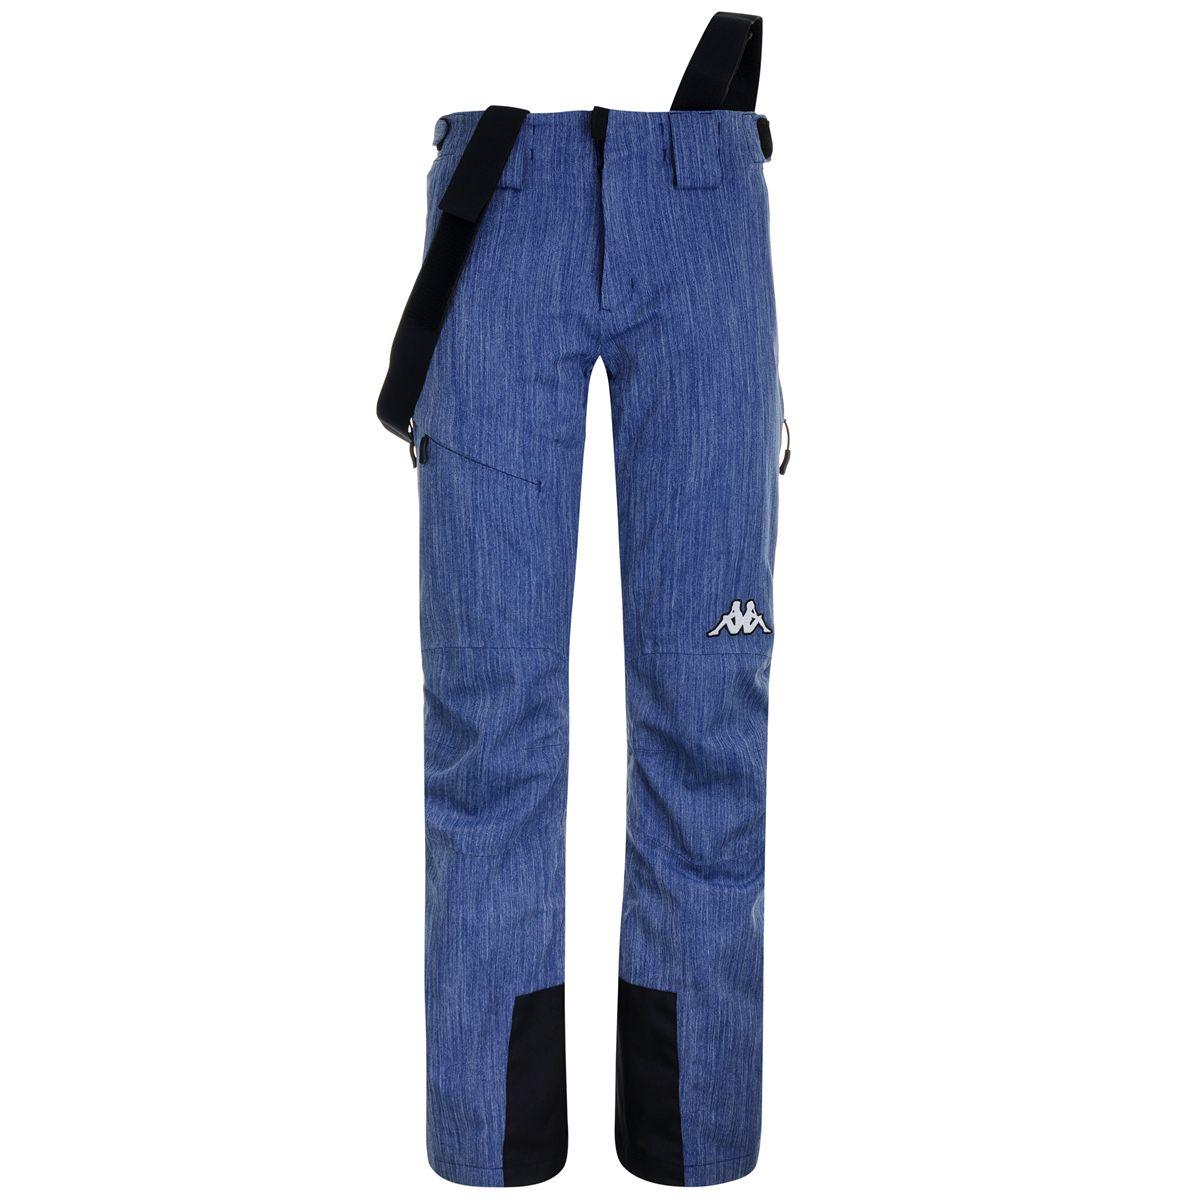 Kappa Pants 6CENTO 665A DENIM Woman Sport Trousers